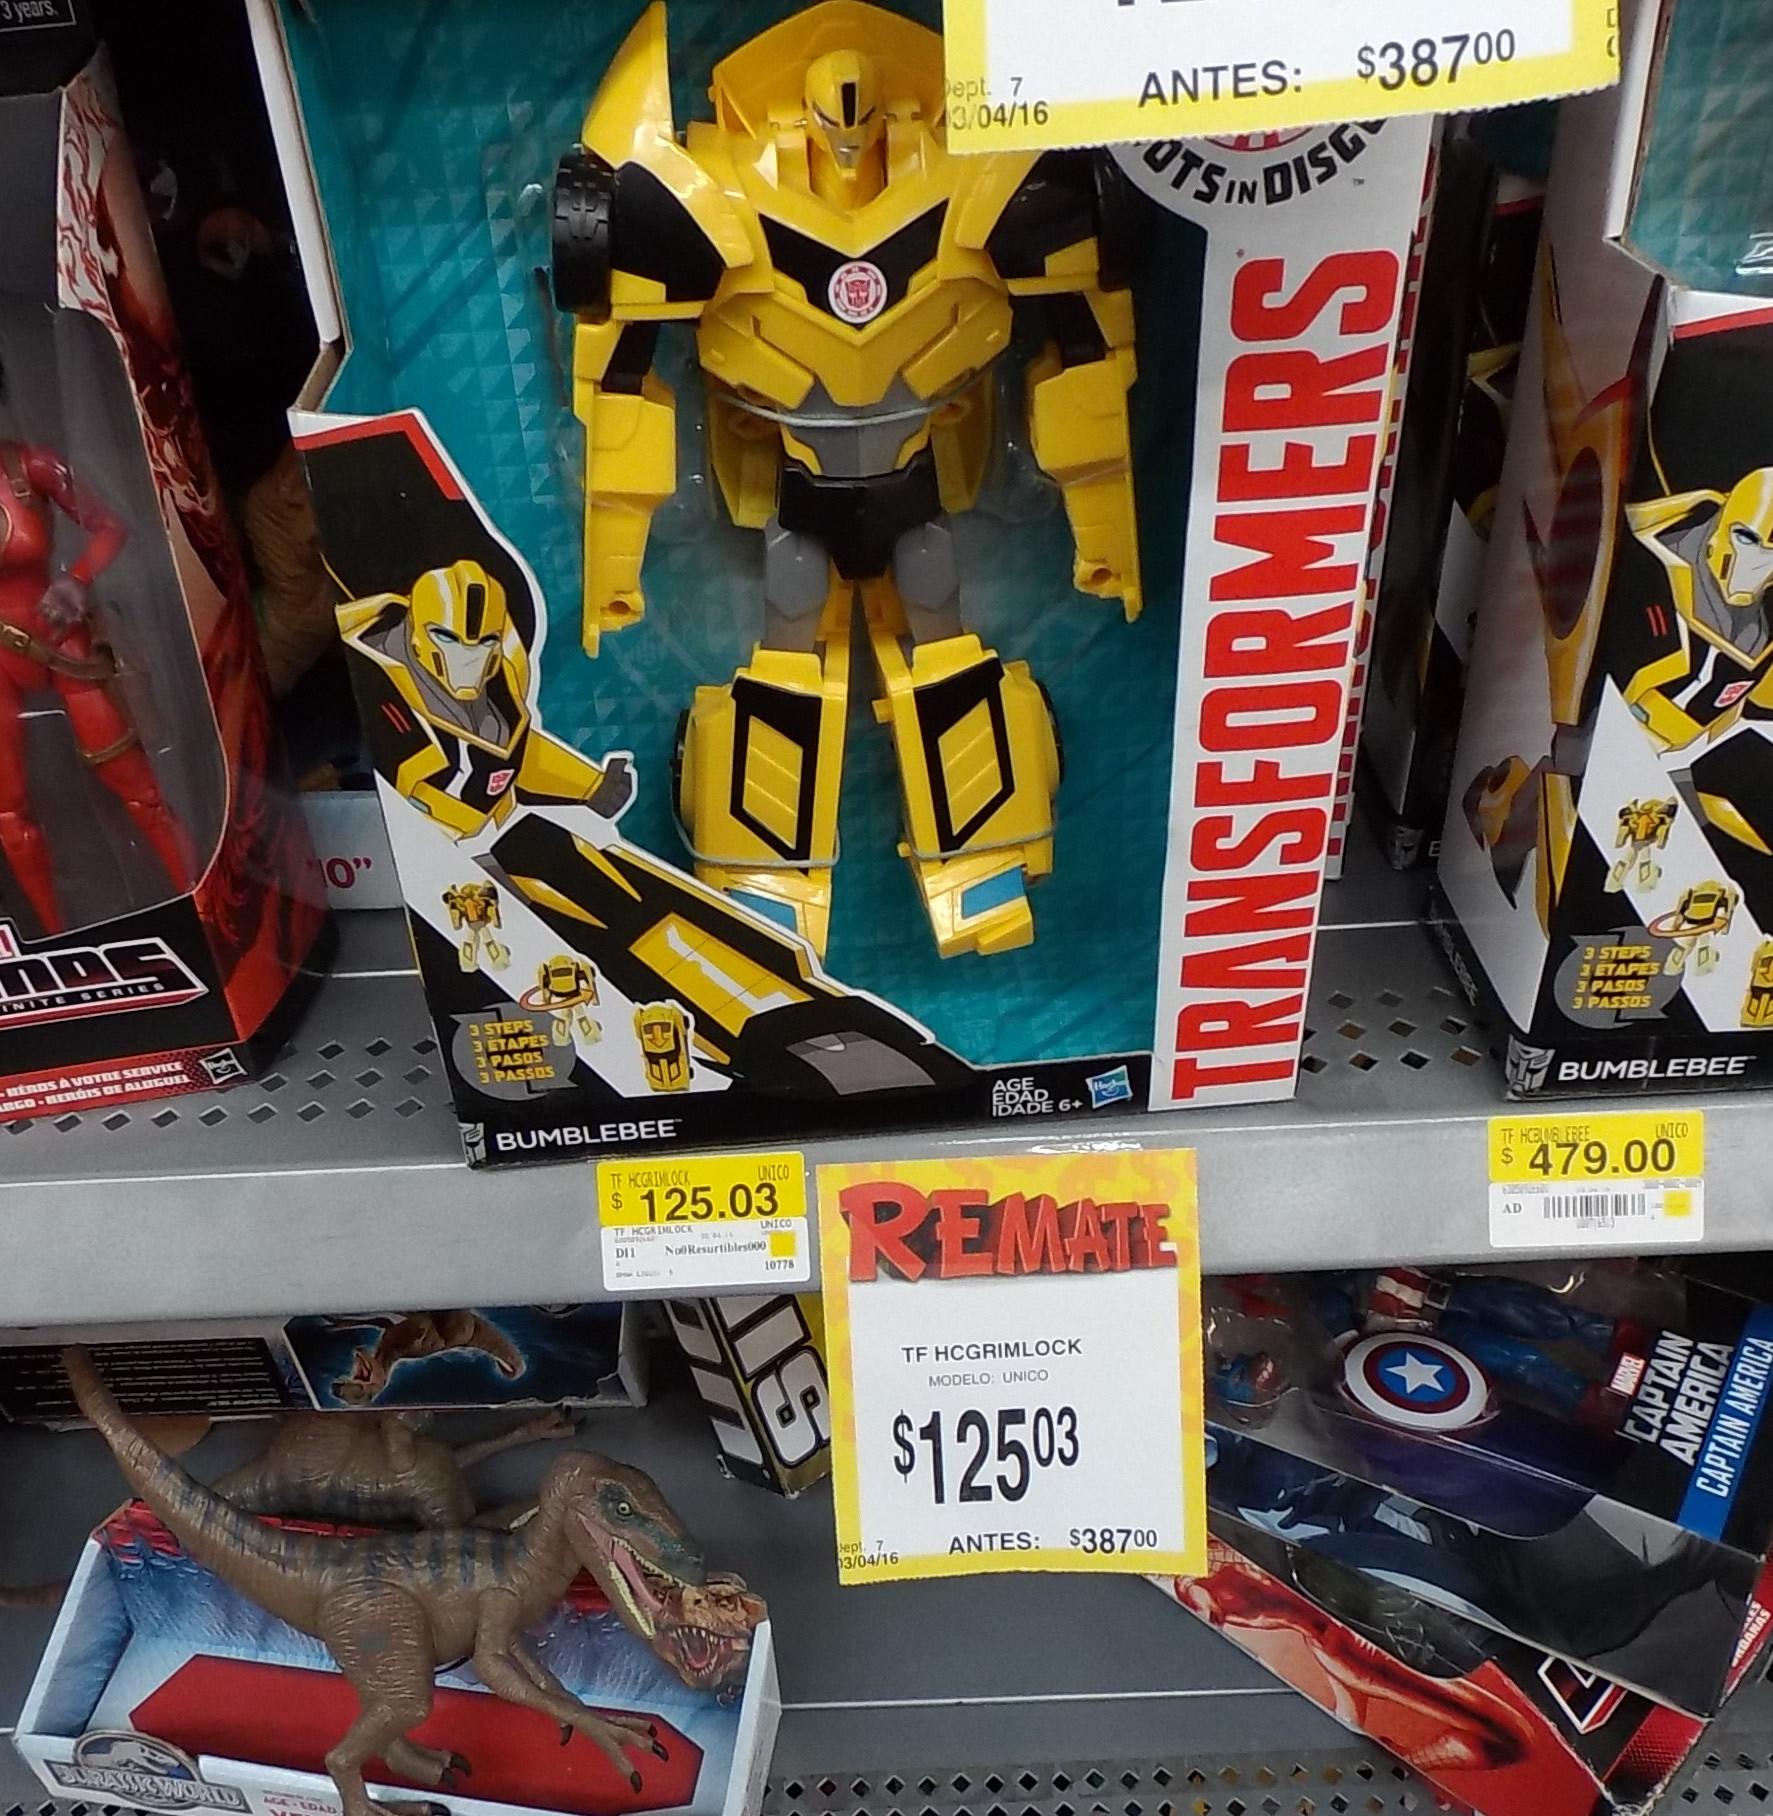 Bodega Aurrerá Villahermosa: descuento en juguetes, Transformers Bumblebee de $387 a $125.03